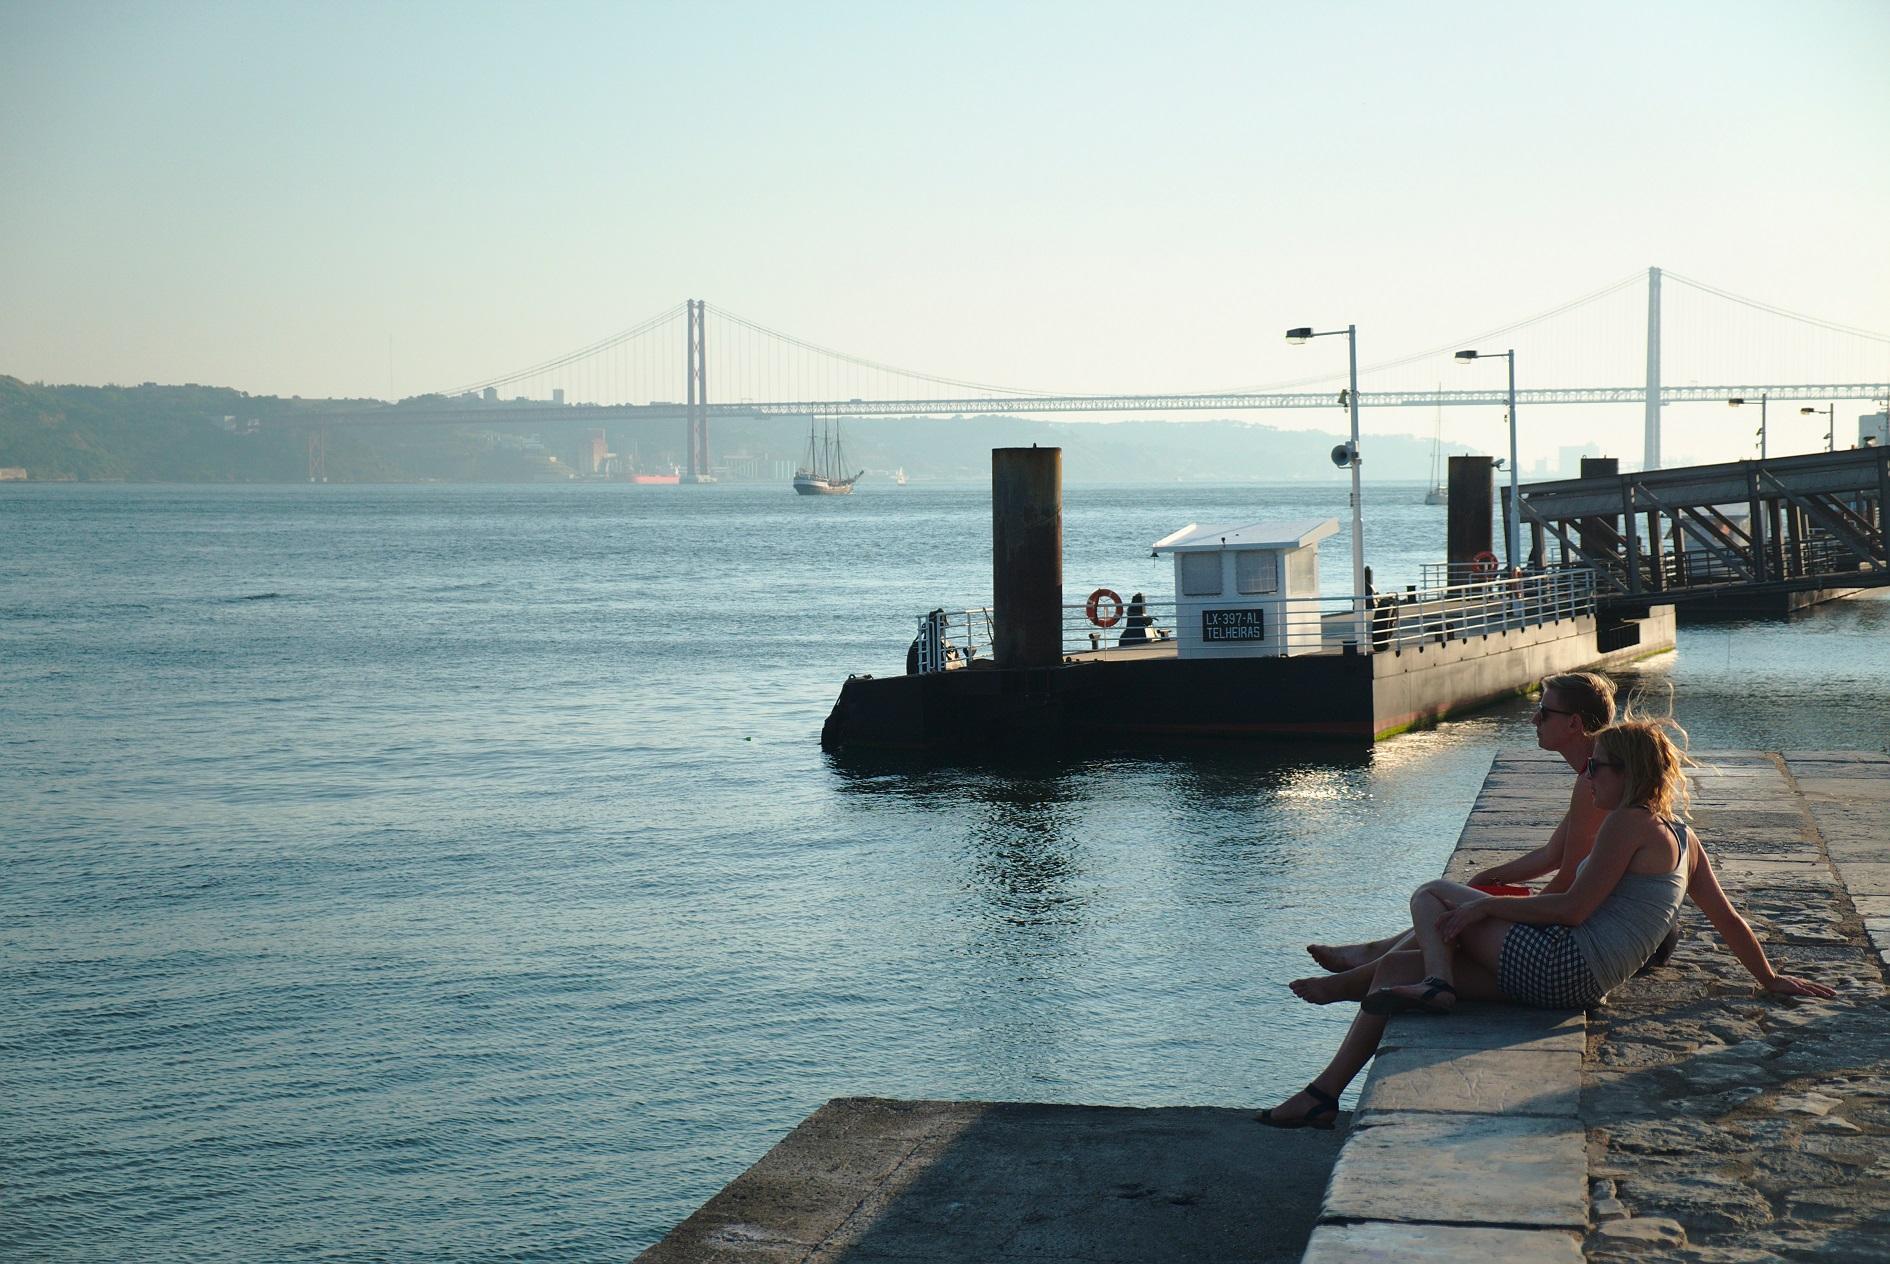 Turistas apreciam a paisagem ás margens do Tejo. Ao fundo a ponte 25 de abril. Foto de João Almeida/DPA